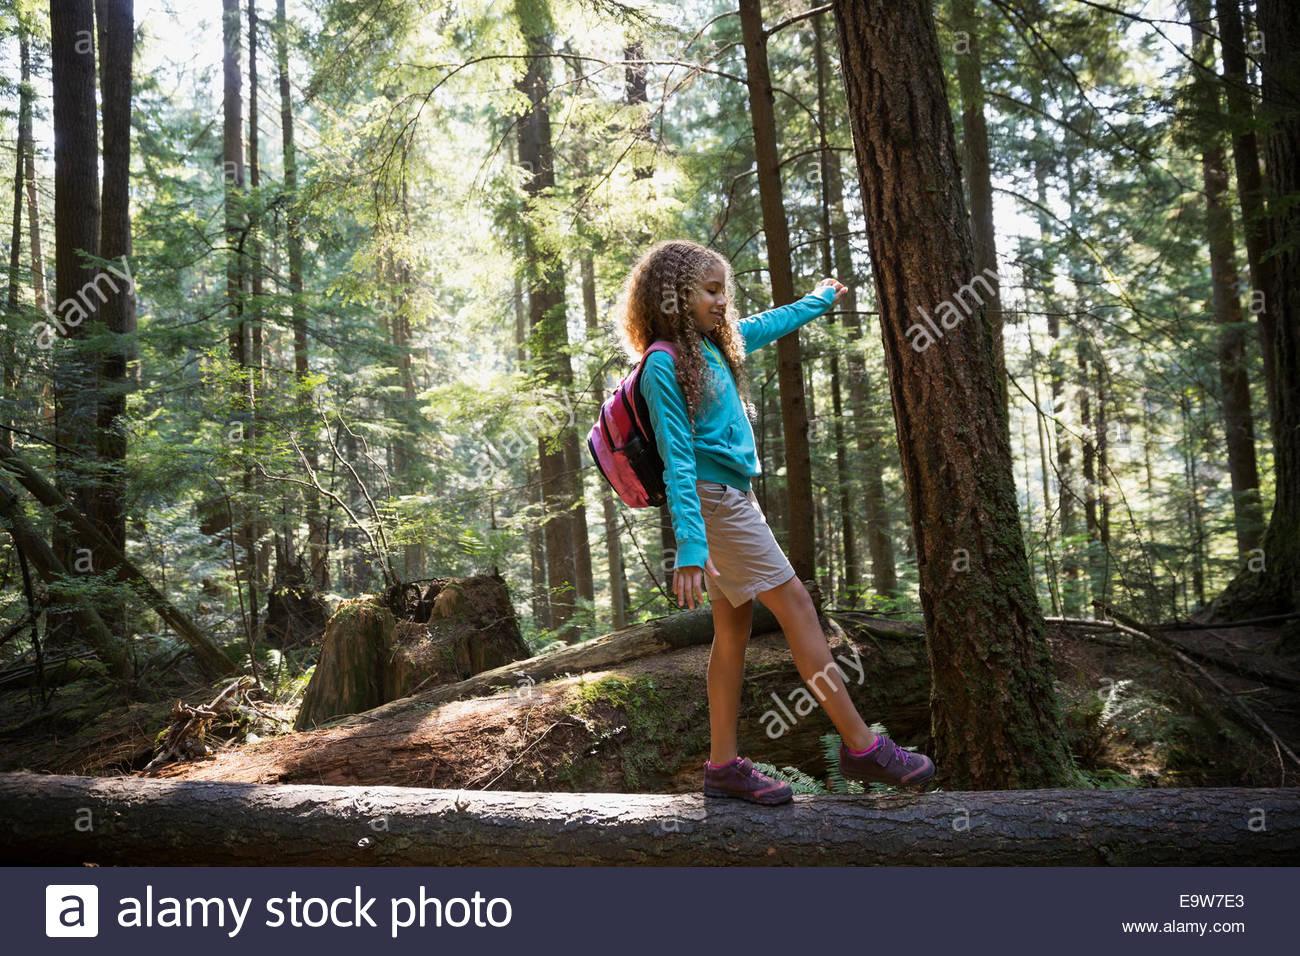 Girl walking on fallen tree in woods - Stock Image